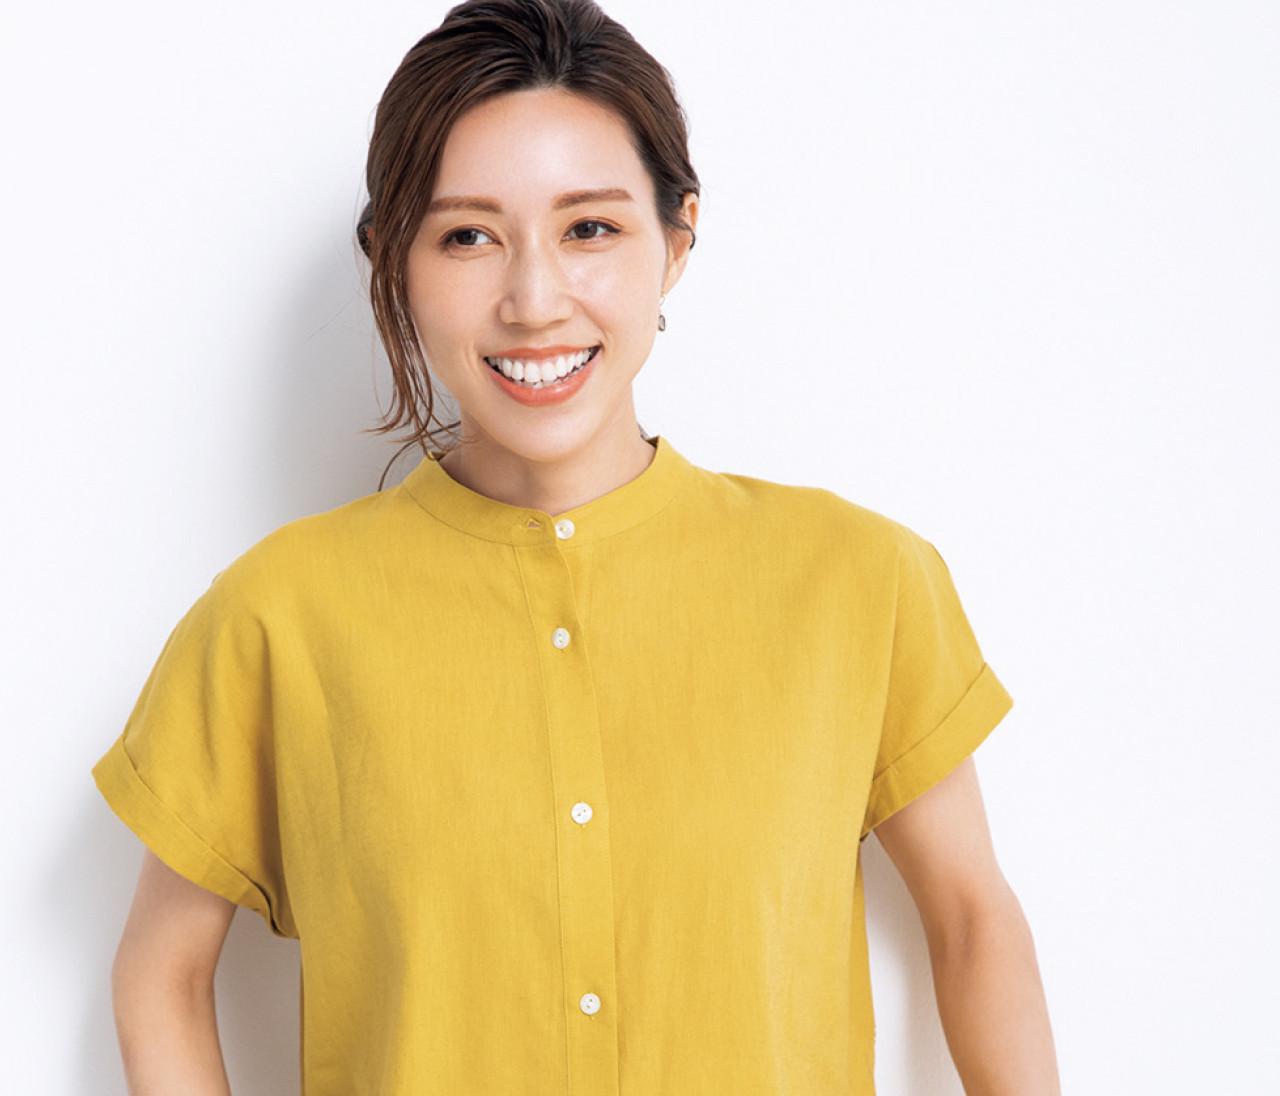 【骨格診断・ブラ編】ナチュラルタイプに似合うのは?リブニット、Tシャツ、シャツで実験&おすすめカタログも!